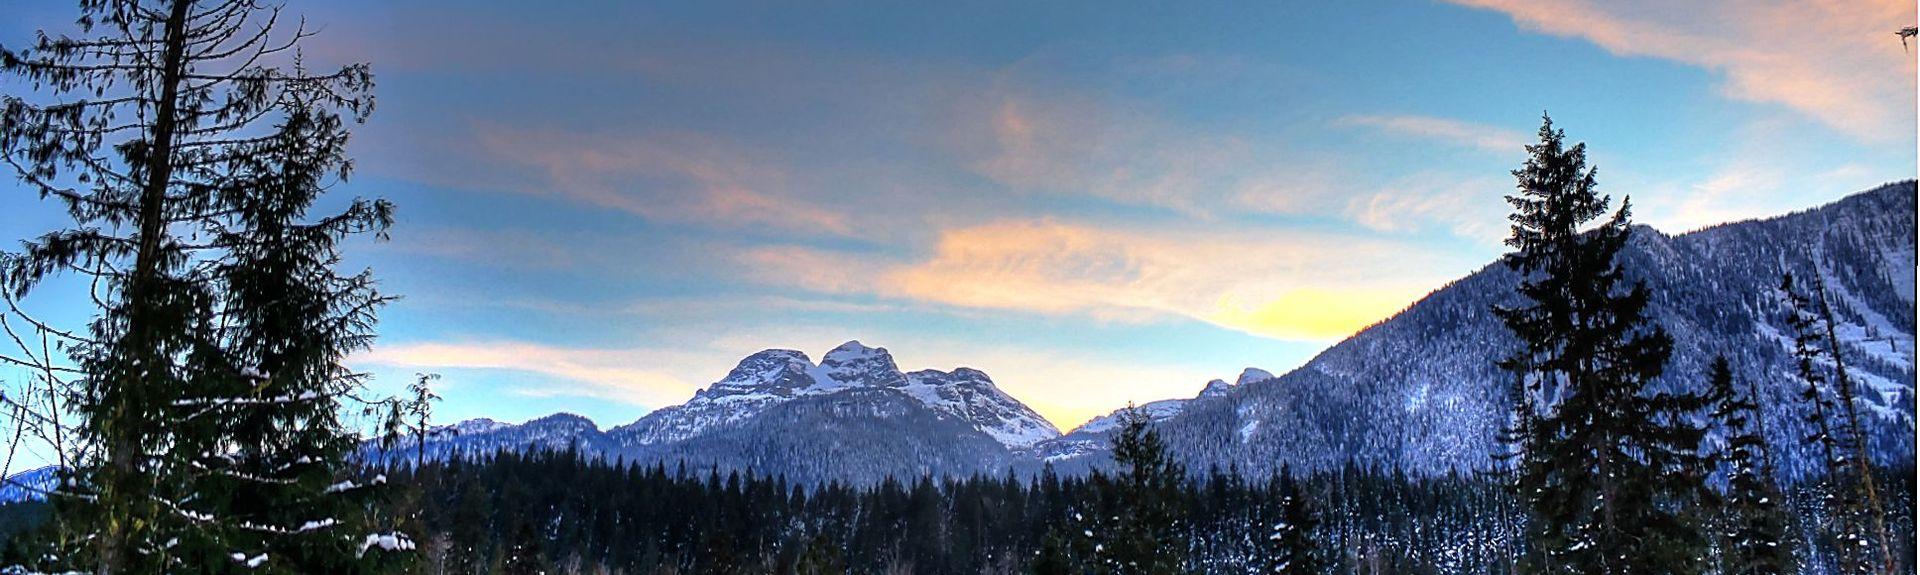 Revelstoke Mountain Resort, Revelstoke, British Columbia, Canada